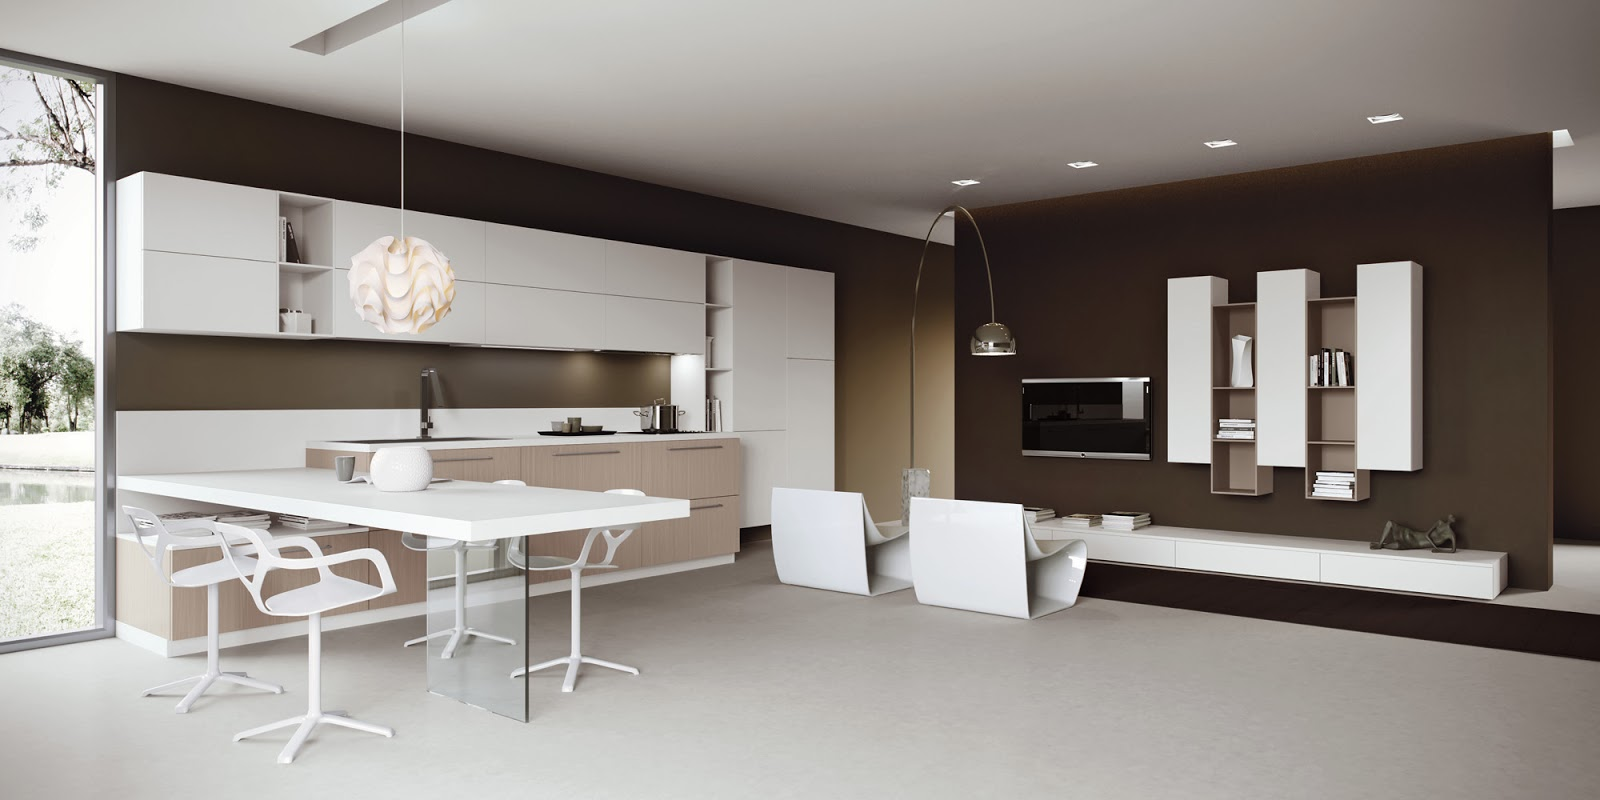 http://2.bp.blogspot.com/-mo56Xnjpr1Y/UqIY2V6l_UI/AAAAAAAARWU/8fHkVbI15D0/s1600/cocina-termoestructurado-arrital1.jpg